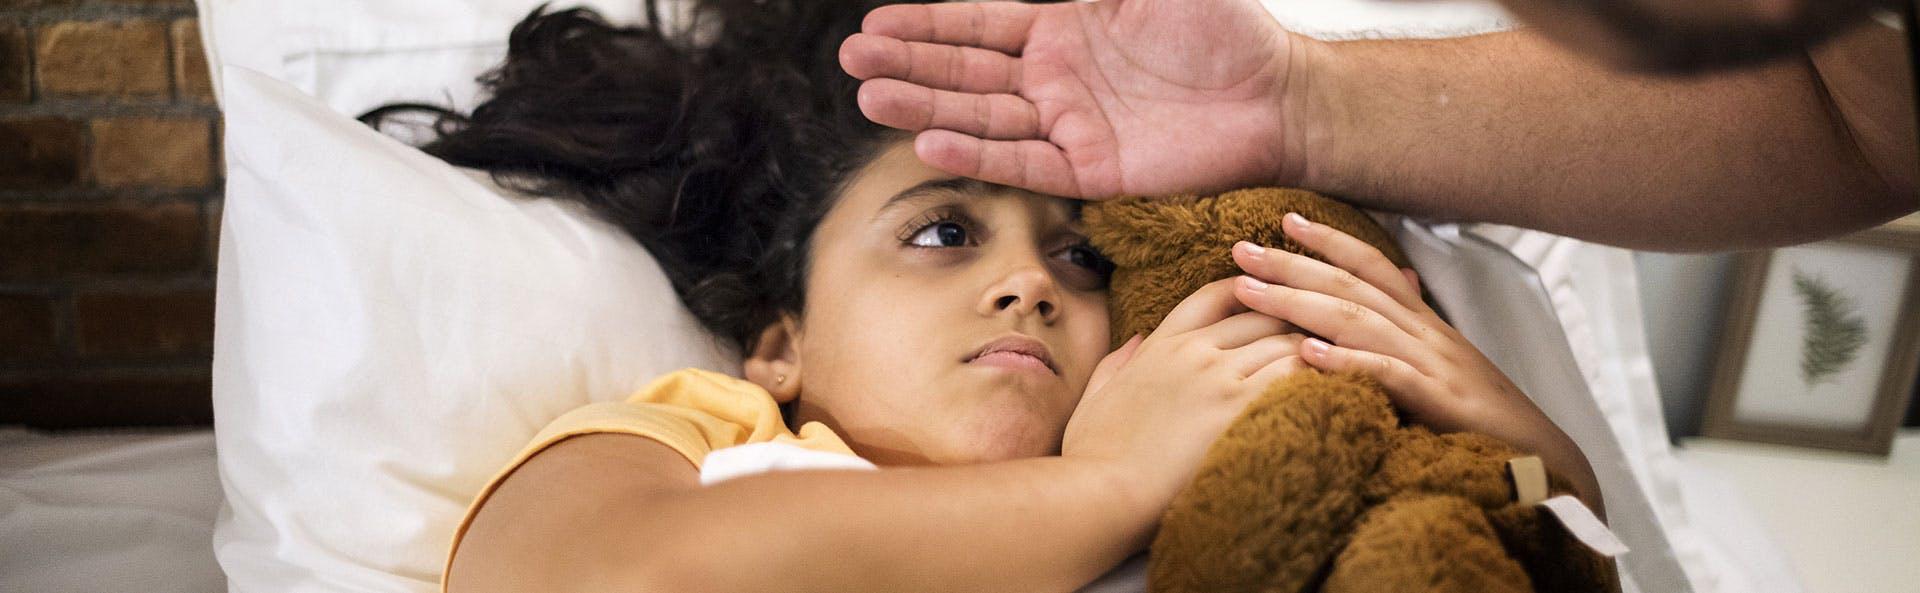 طفلة تعاني من ارتفاع الحرارة والحمّى